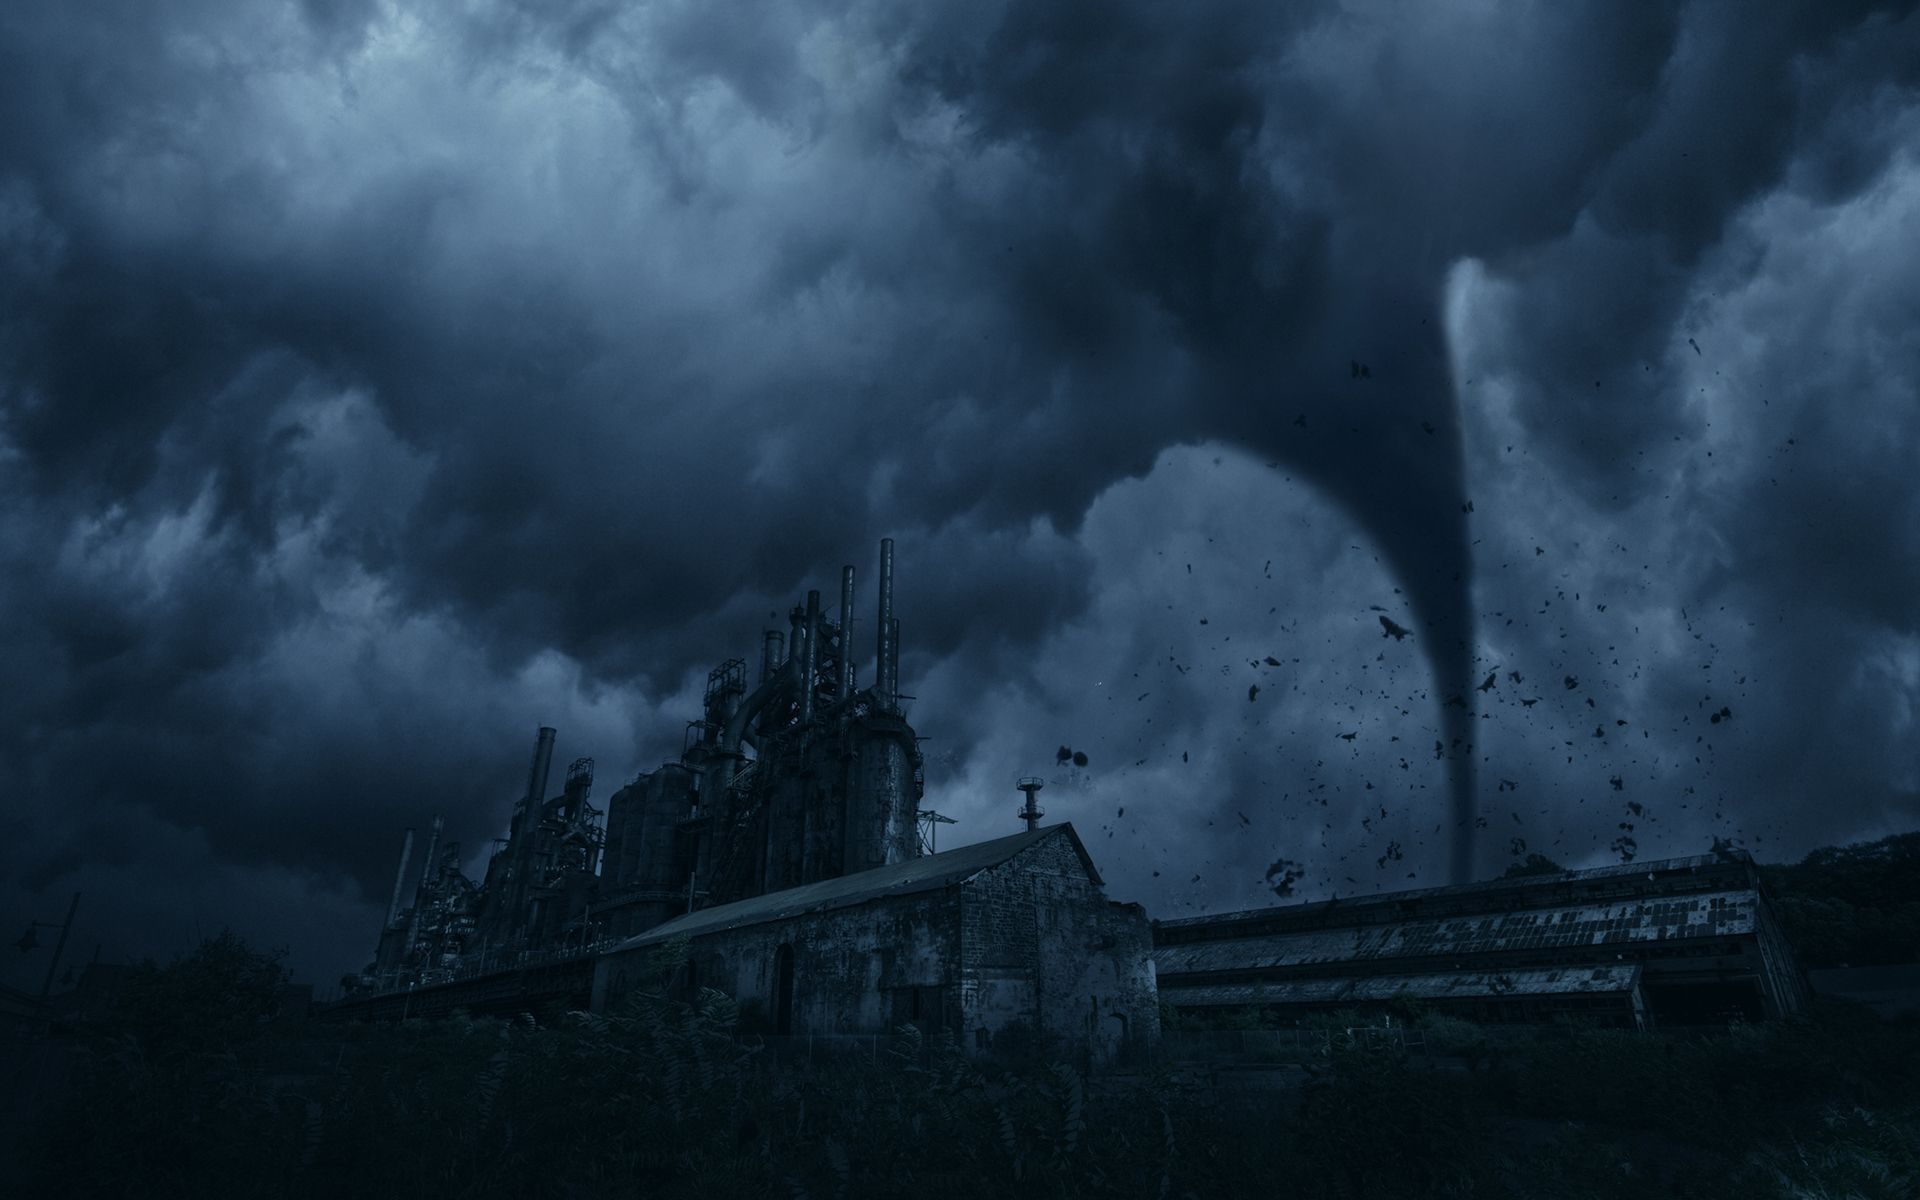 tornado fantasy wallpaper 20849